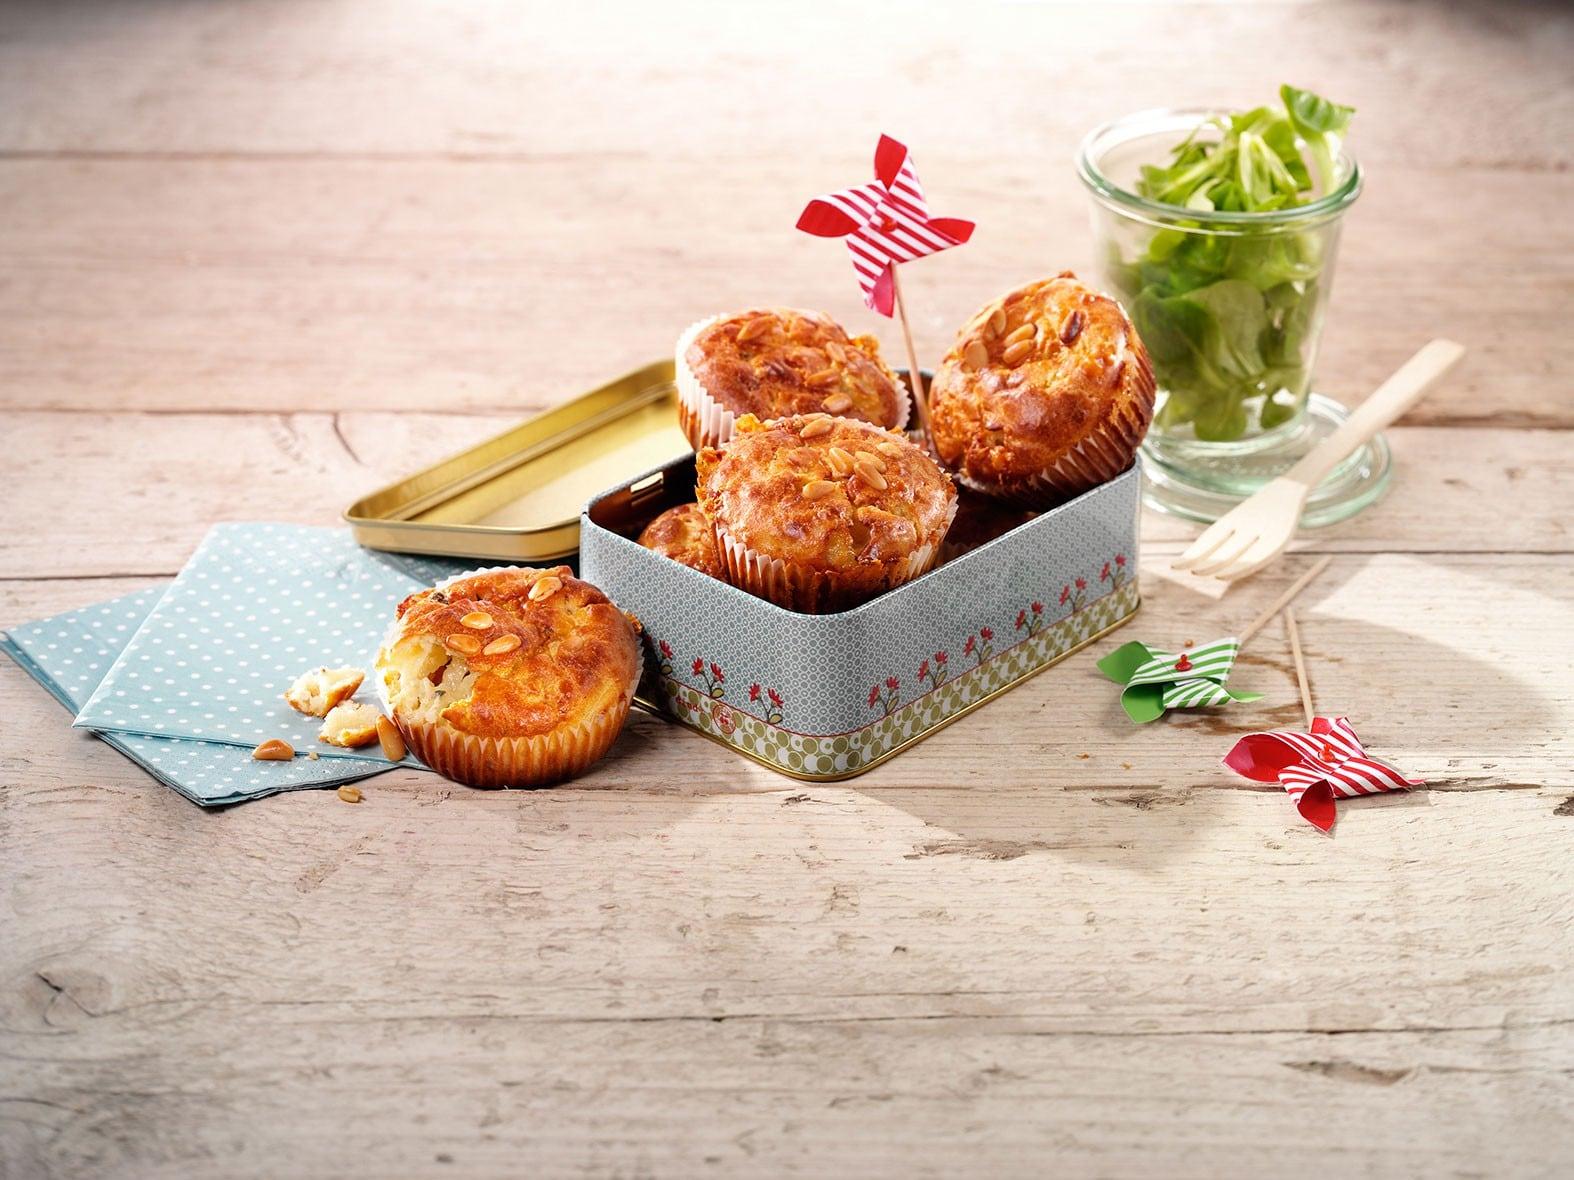 Cakejes met plattekaas, blauwe kaas en peer